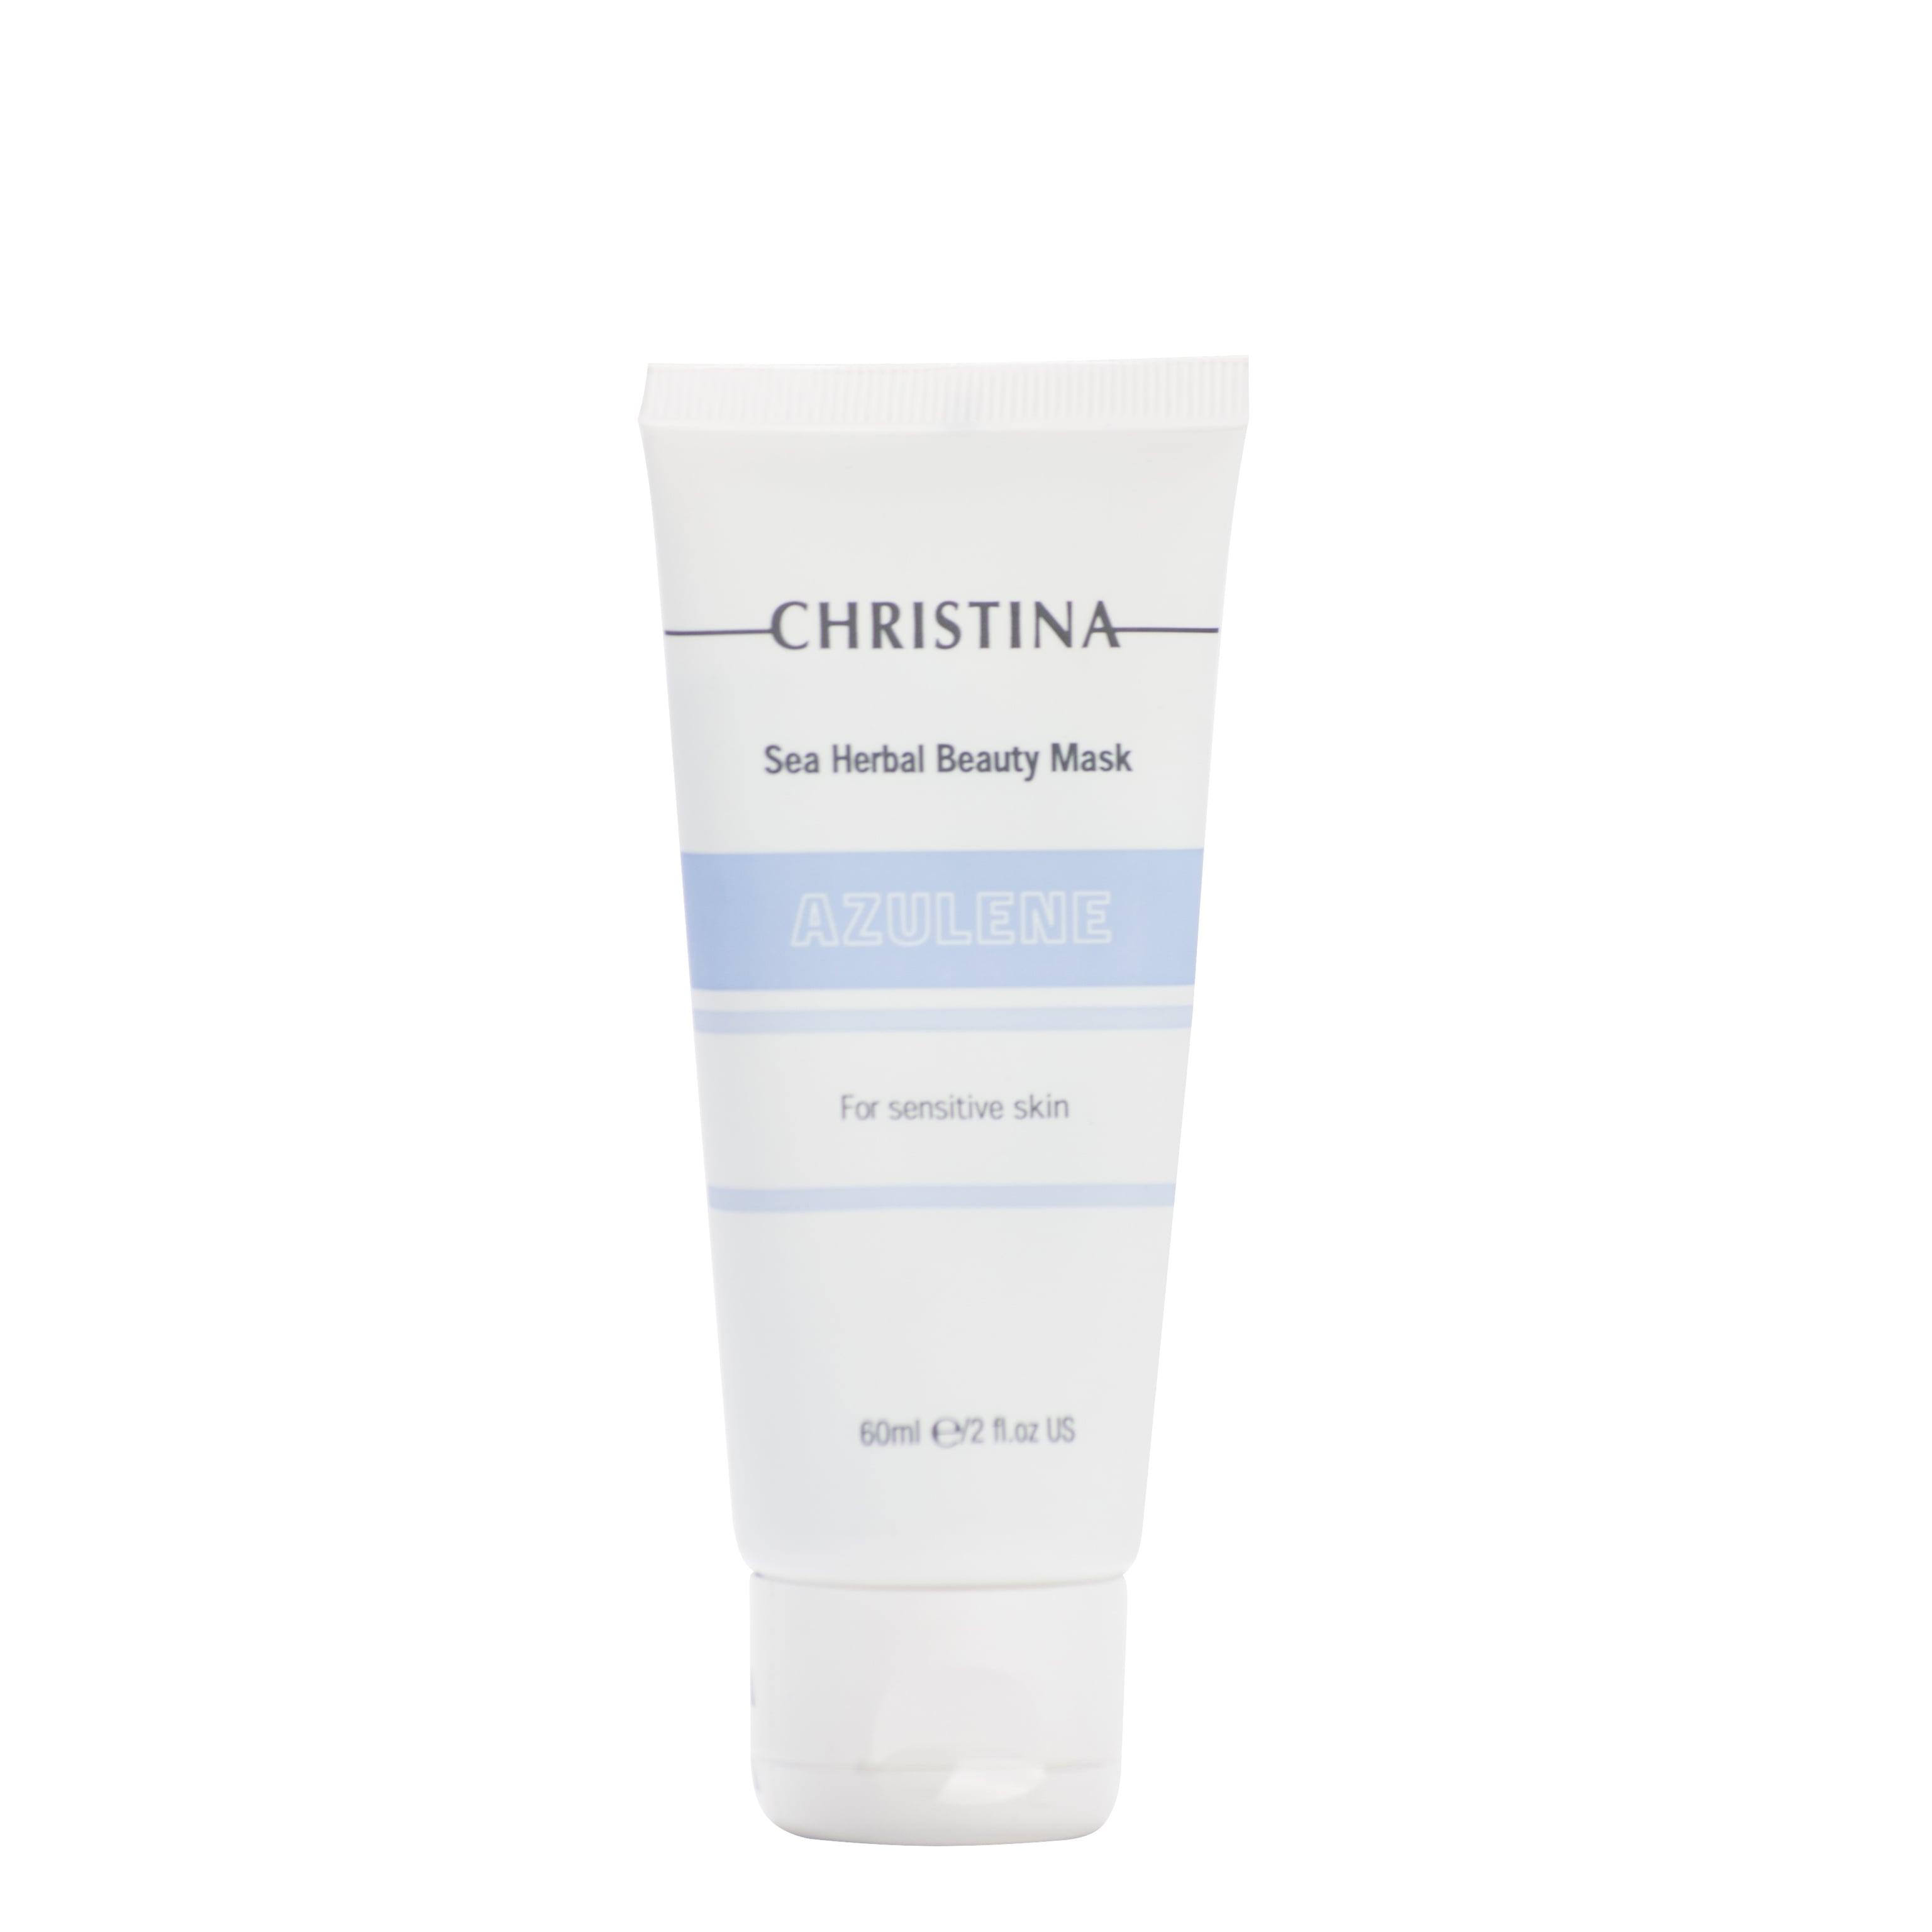 מסכת אזולן לעור רגיש כריסטינה